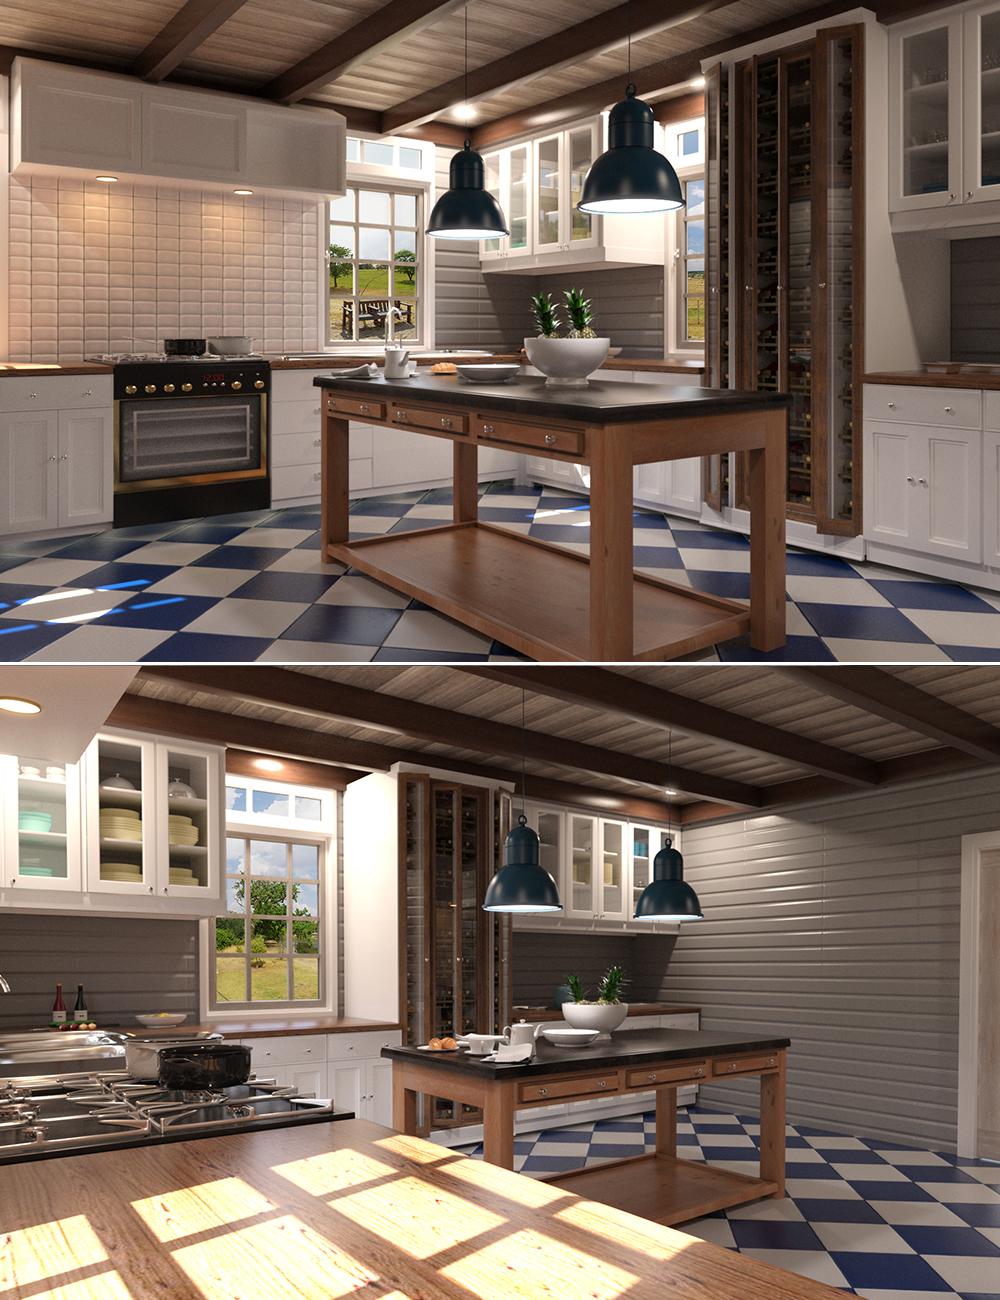 Hampton Kitchen by: Tesla3dCorp, 3D Models by Daz 3D